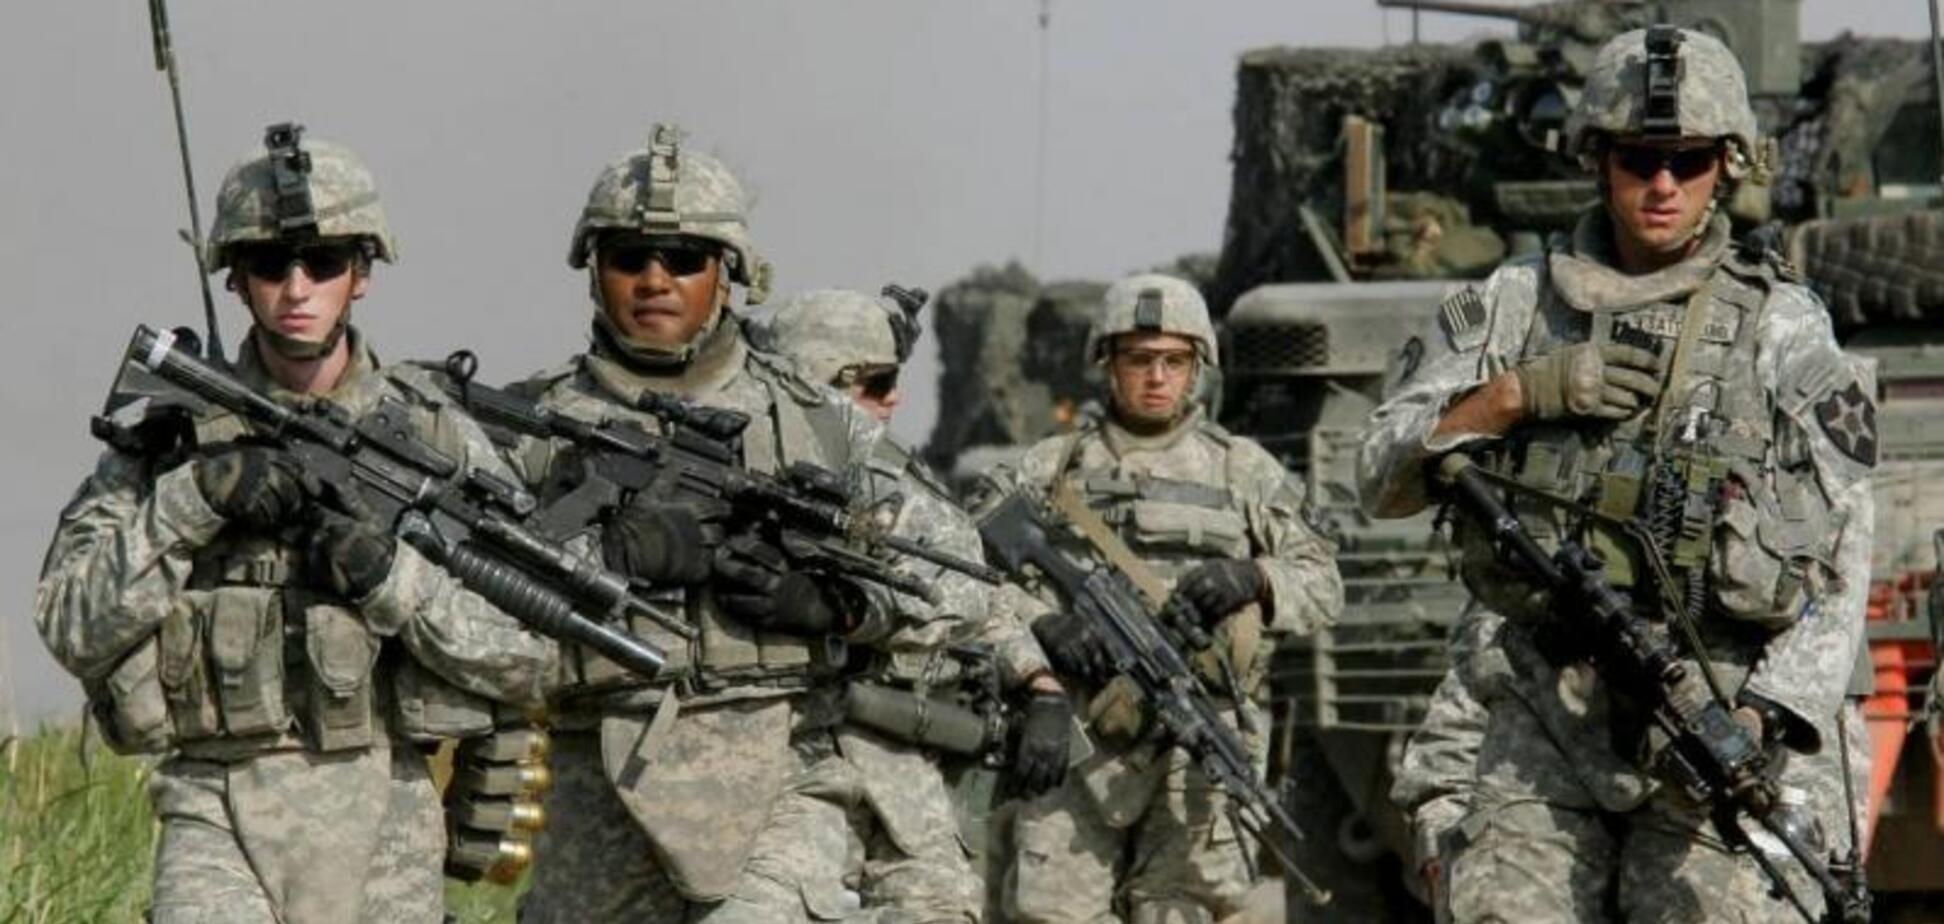 11 пострадавших! Появились подробности ракетного удара по военным США в Ираке